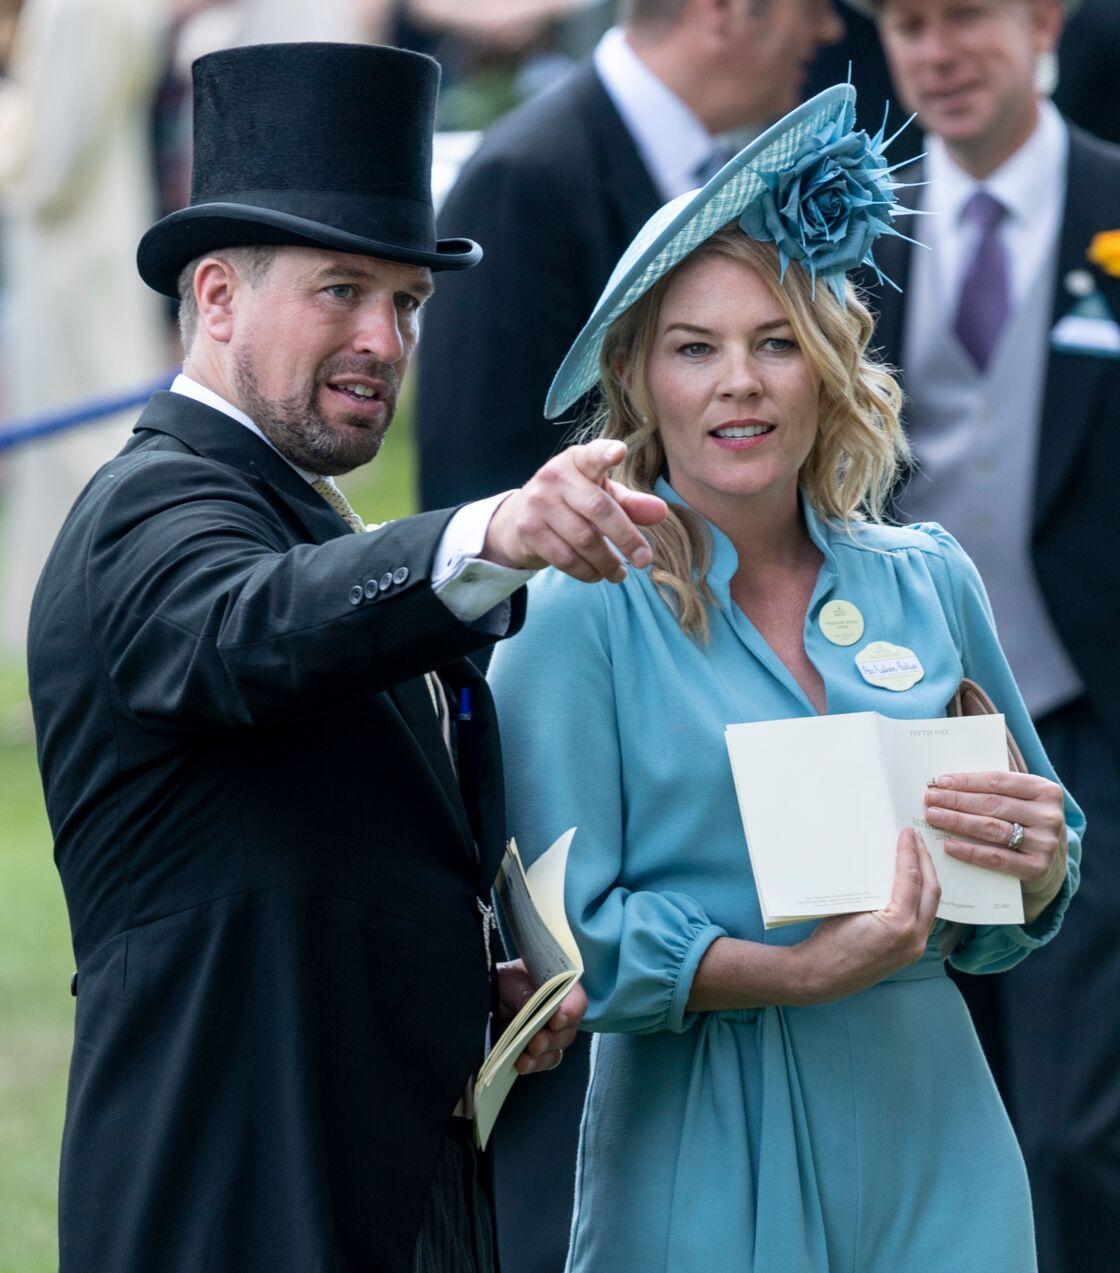 Peter Phillips et sa femme Autumn Phillips, lors du Royal Ascot. Le 22 juin 2019